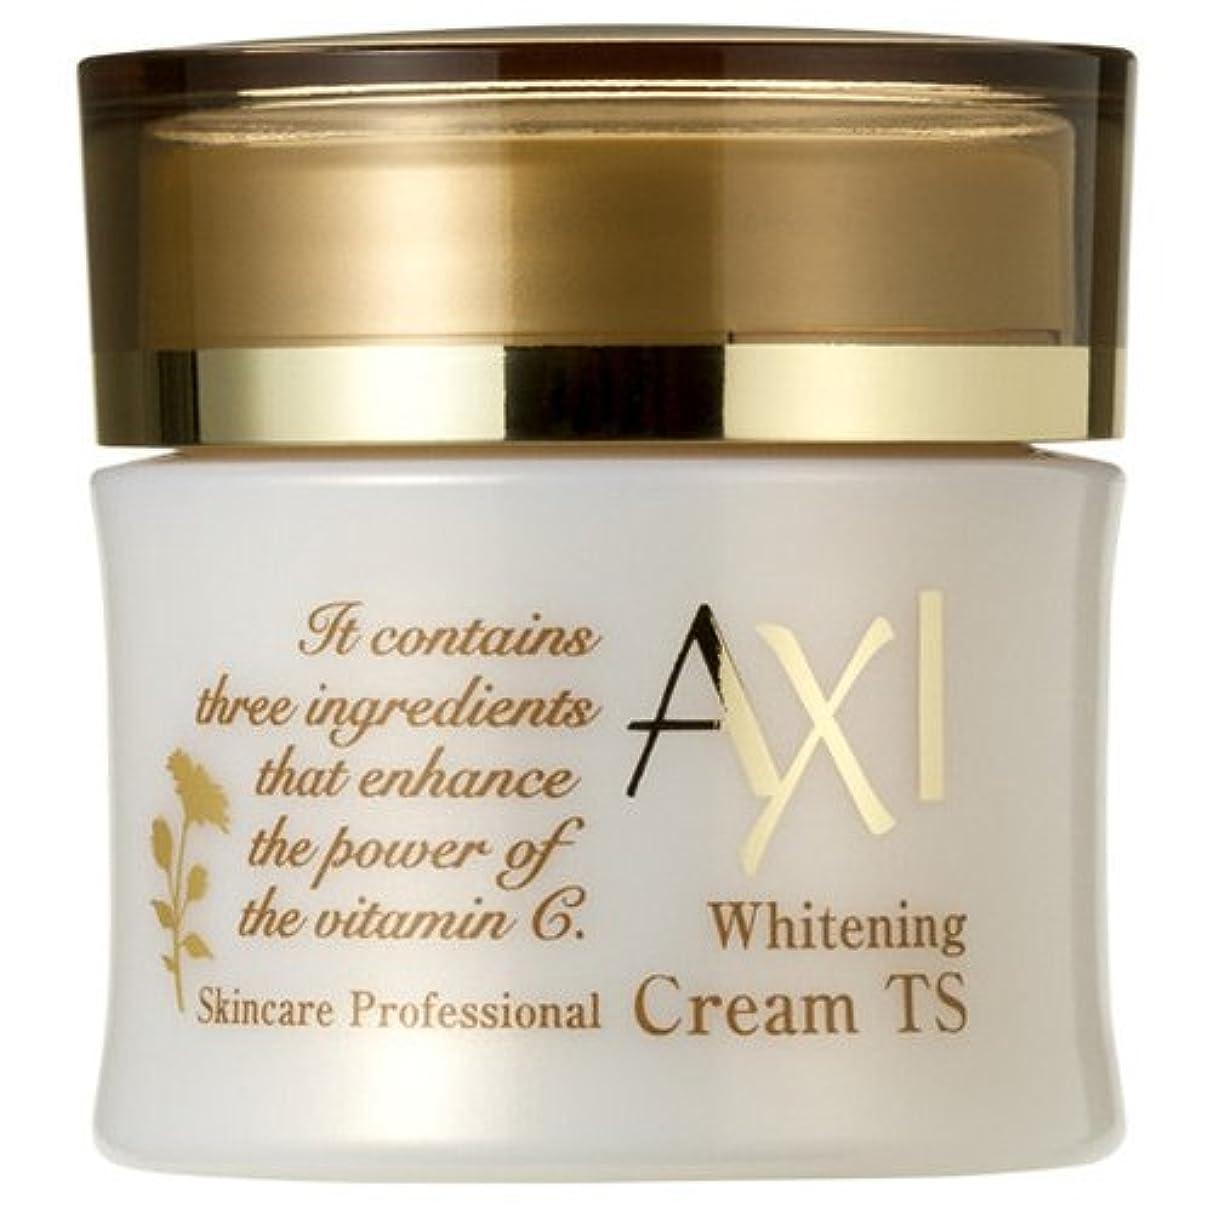 稼ぐあまりにもじゃないクオレ AXI ホワイトニングクリームTS 35g 医薬部外品